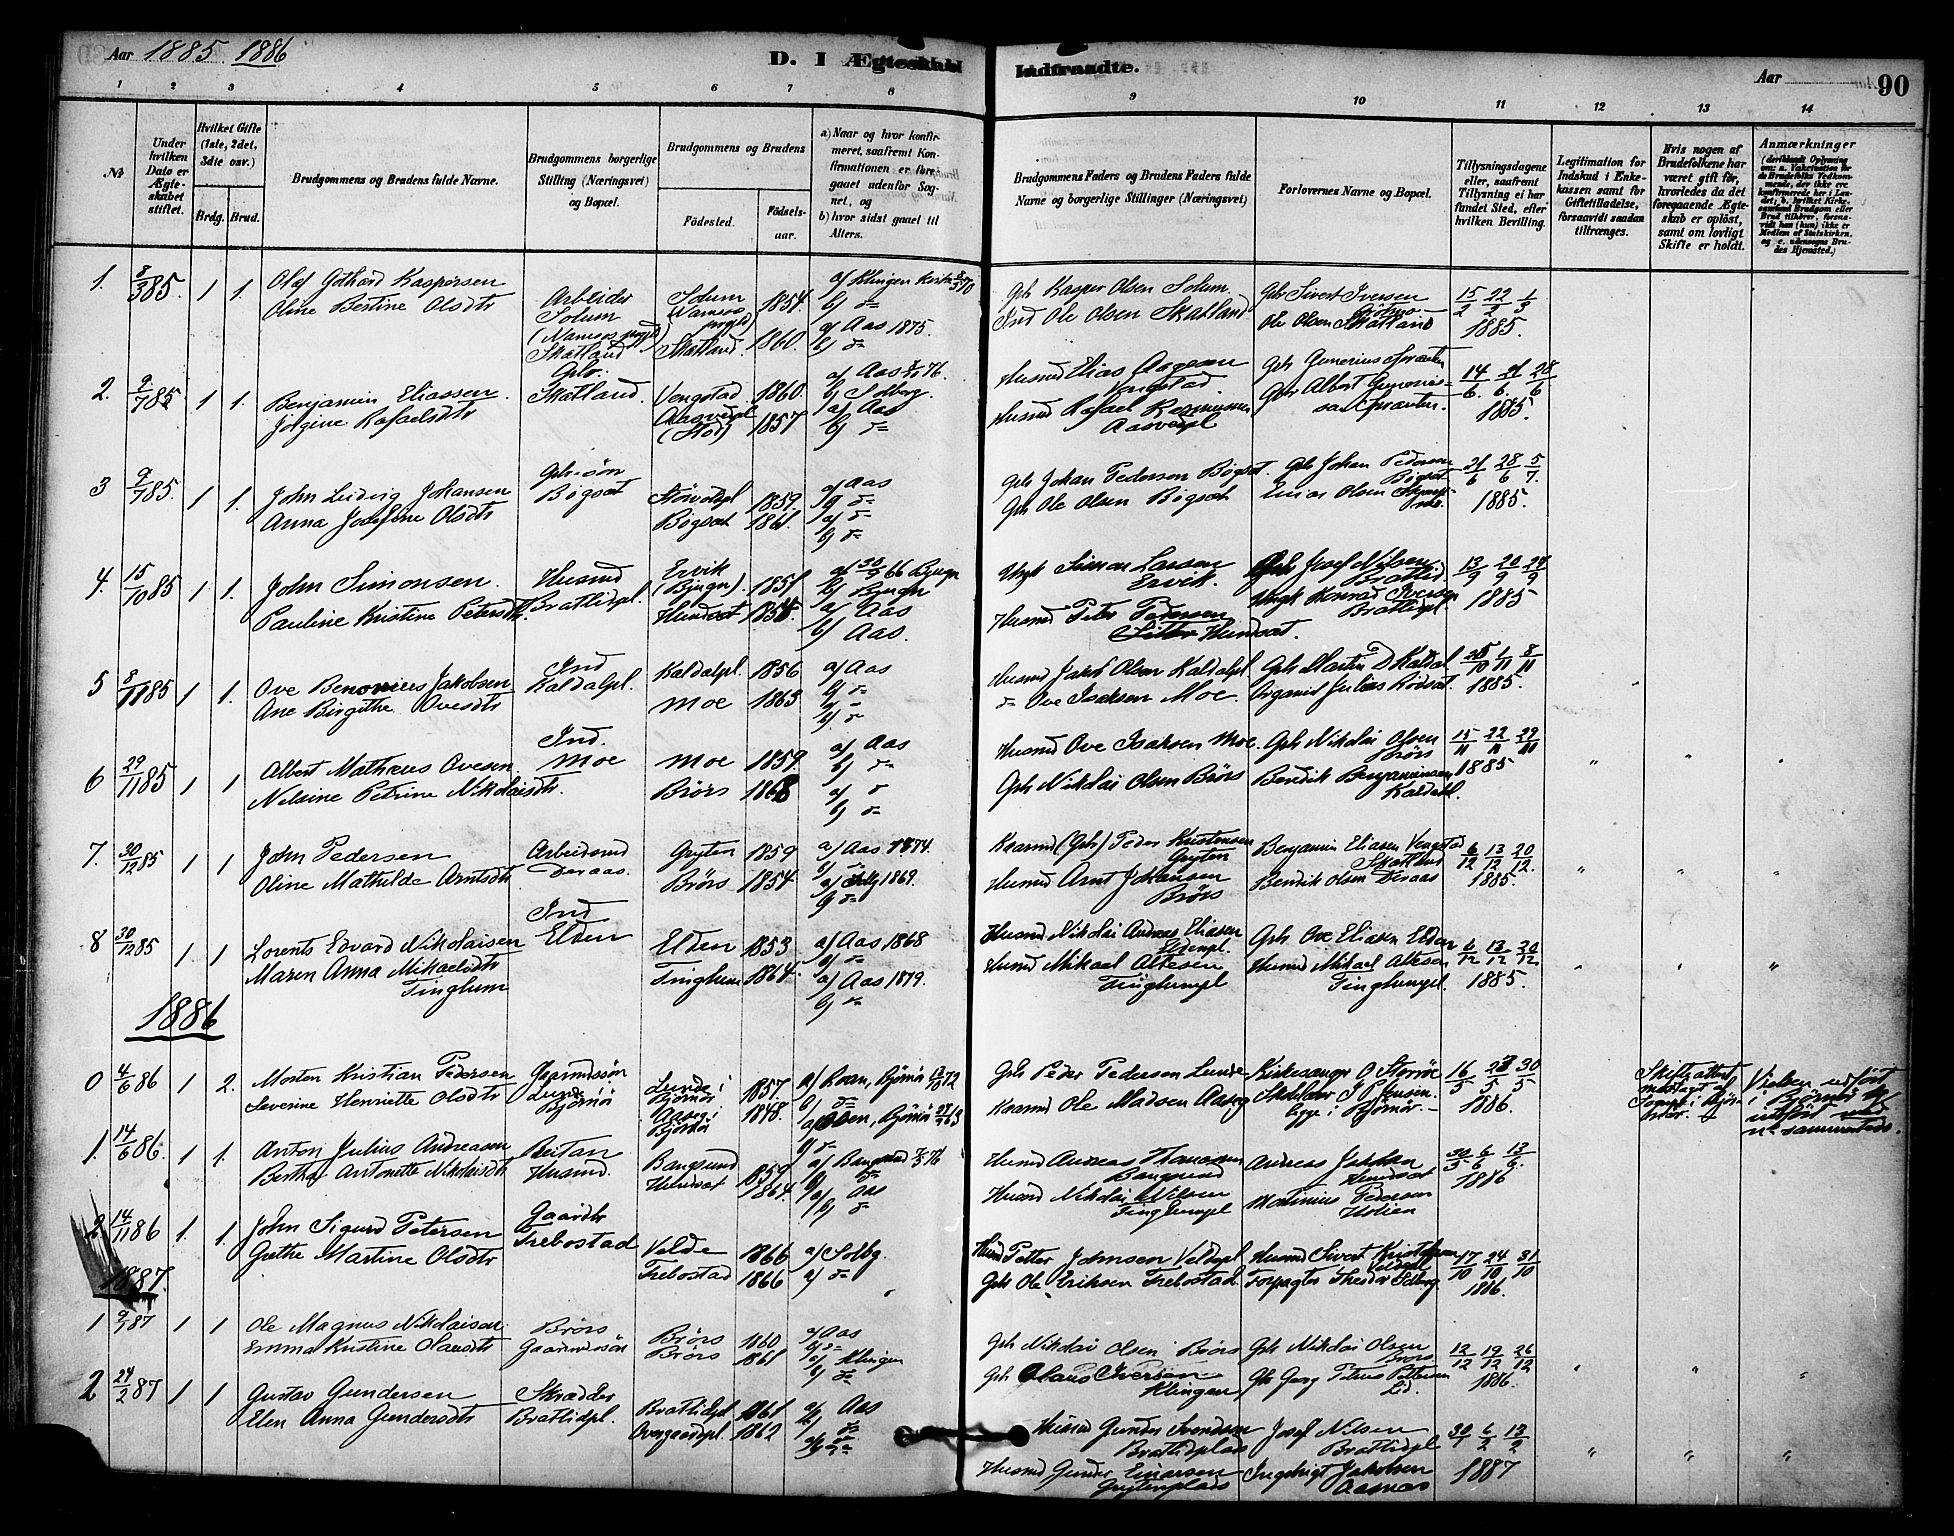 SAT, Ministerialprotokoller, klokkerbøker og fødselsregistre - Nord-Trøndelag, 742/L0408: Ministerialbok nr. 742A01, 1878-1890, s. 90